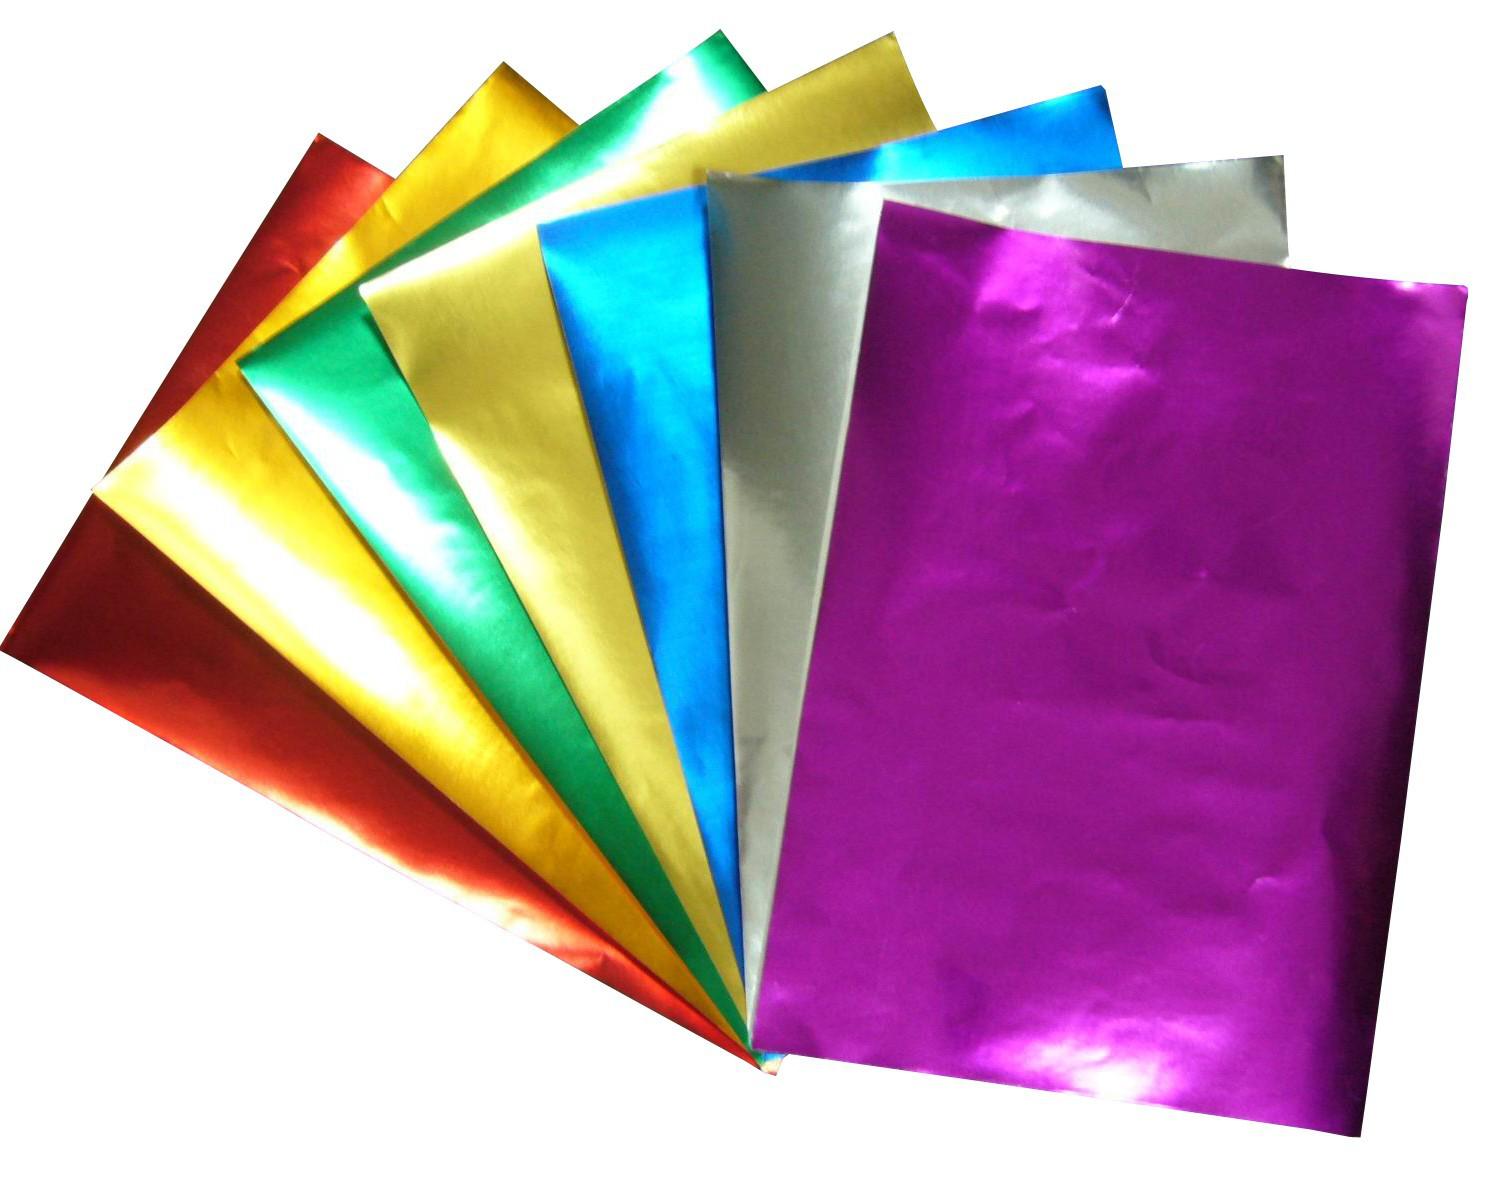 Vinil Adesivo Metalico p/ Recorte Silhouette Scrapbook - A4